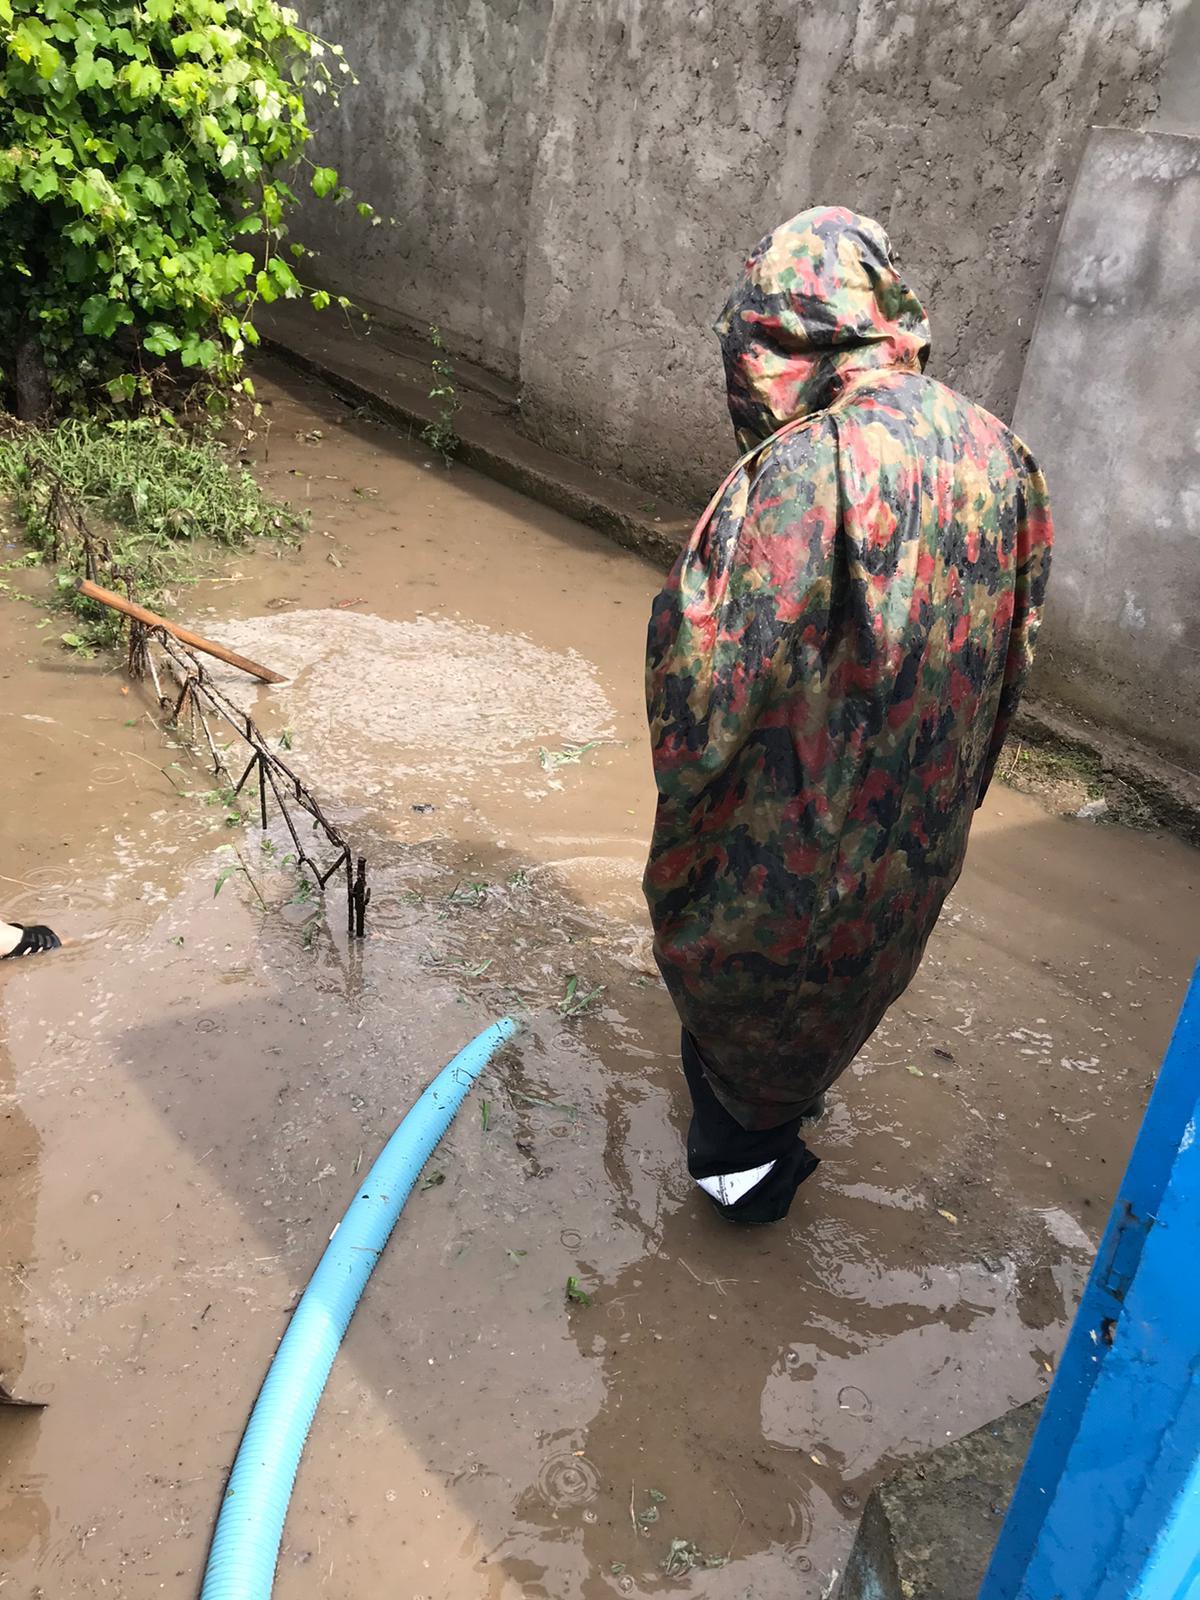 Patru gospodării din Măcin au avut nevoie de intervenția pompierilor